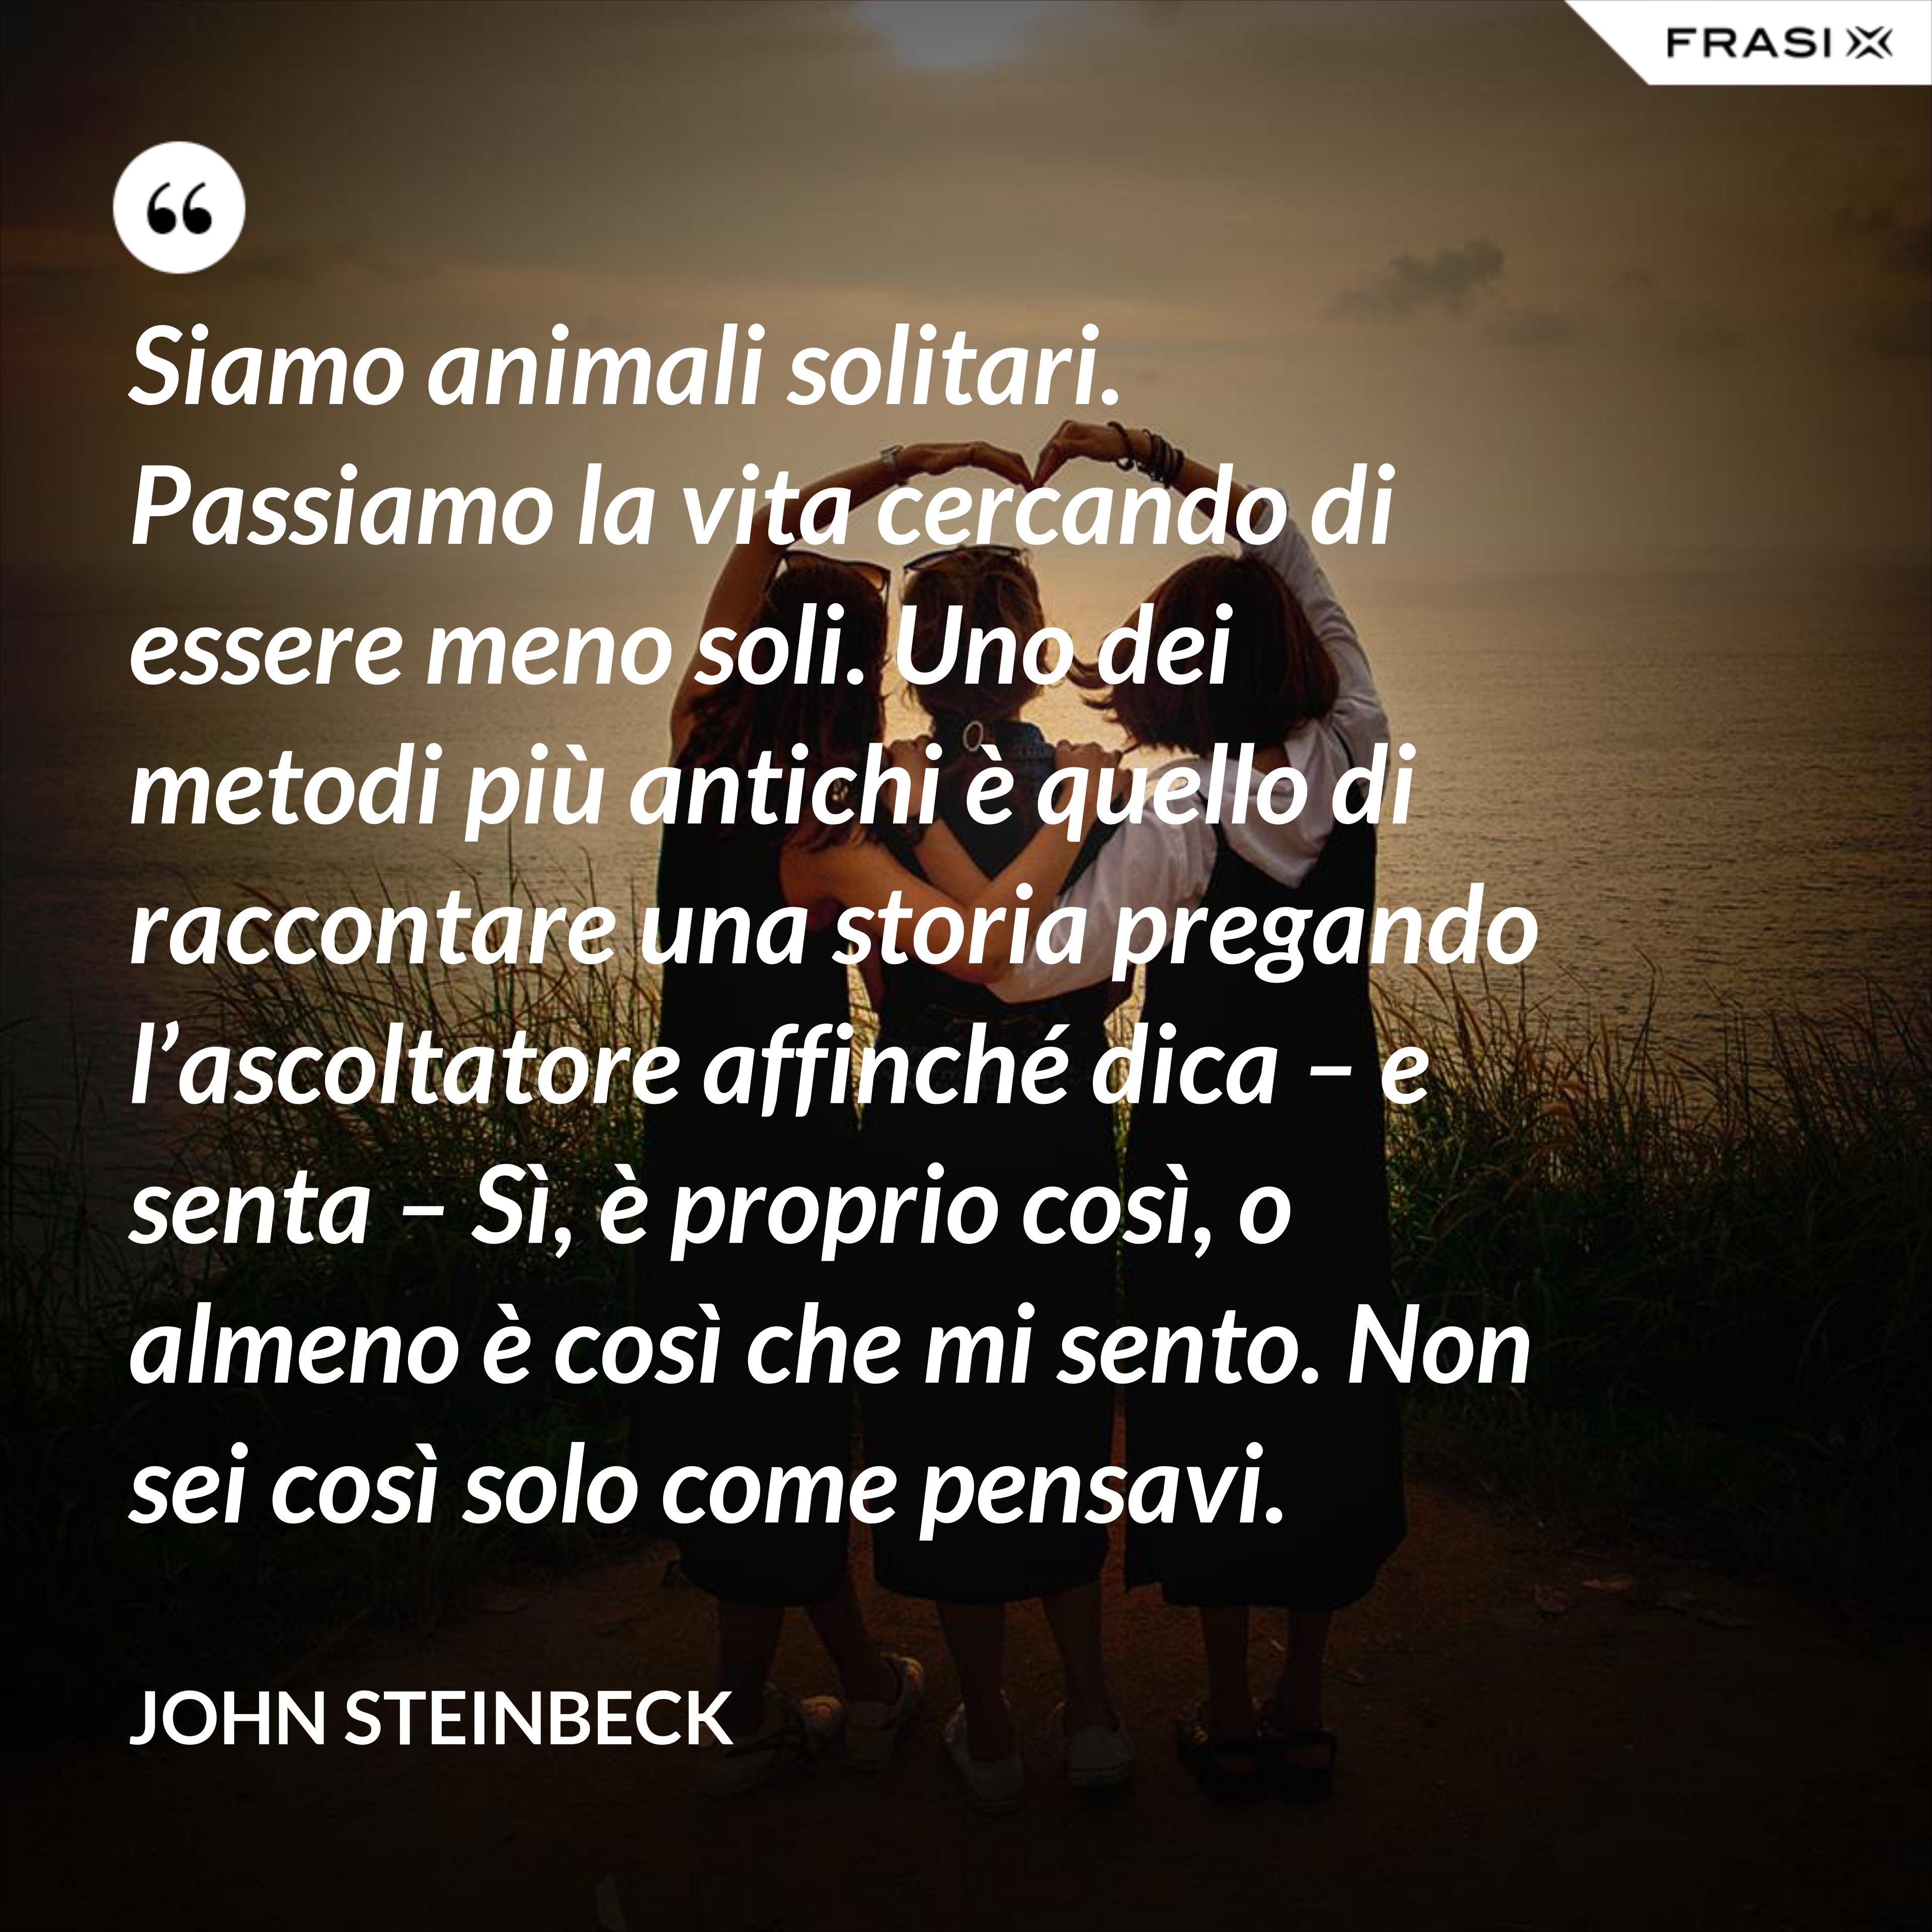 Siamo animali solitari. Passiamo la vita cercando di essere meno soli. Uno dei metodi più antichi è quello di raccontare una storia pregando l'ascoltatore affinché dica – e senta – Sì, è proprio così, o almeno è così che mi sento. Non sei così solo come pensavi. - John Steinbeck